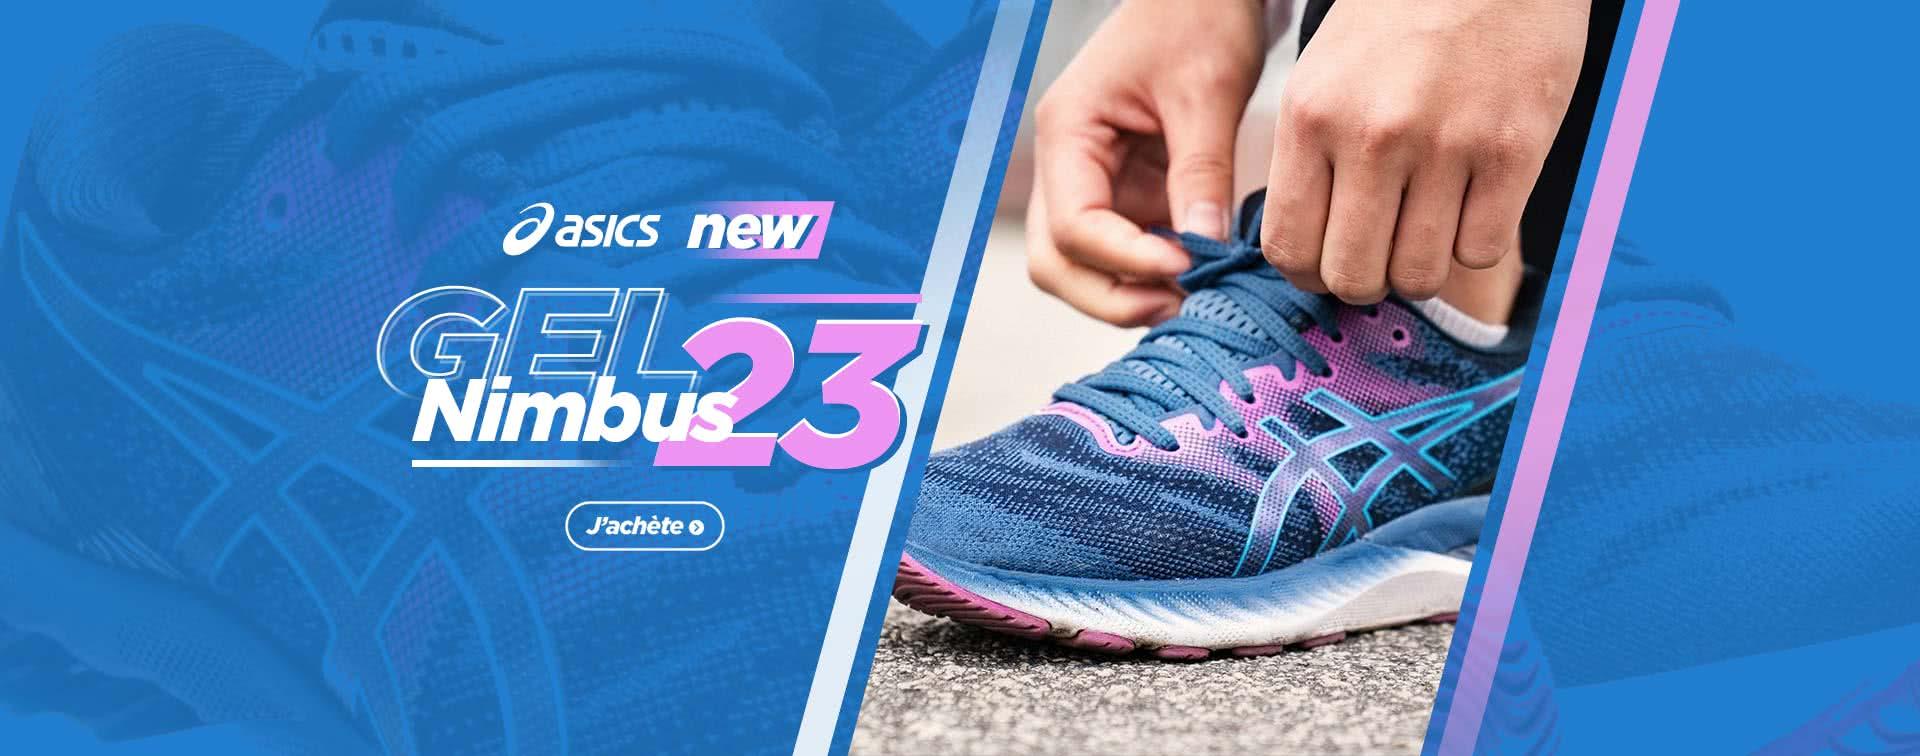 Der neue Gel Nimbus 23